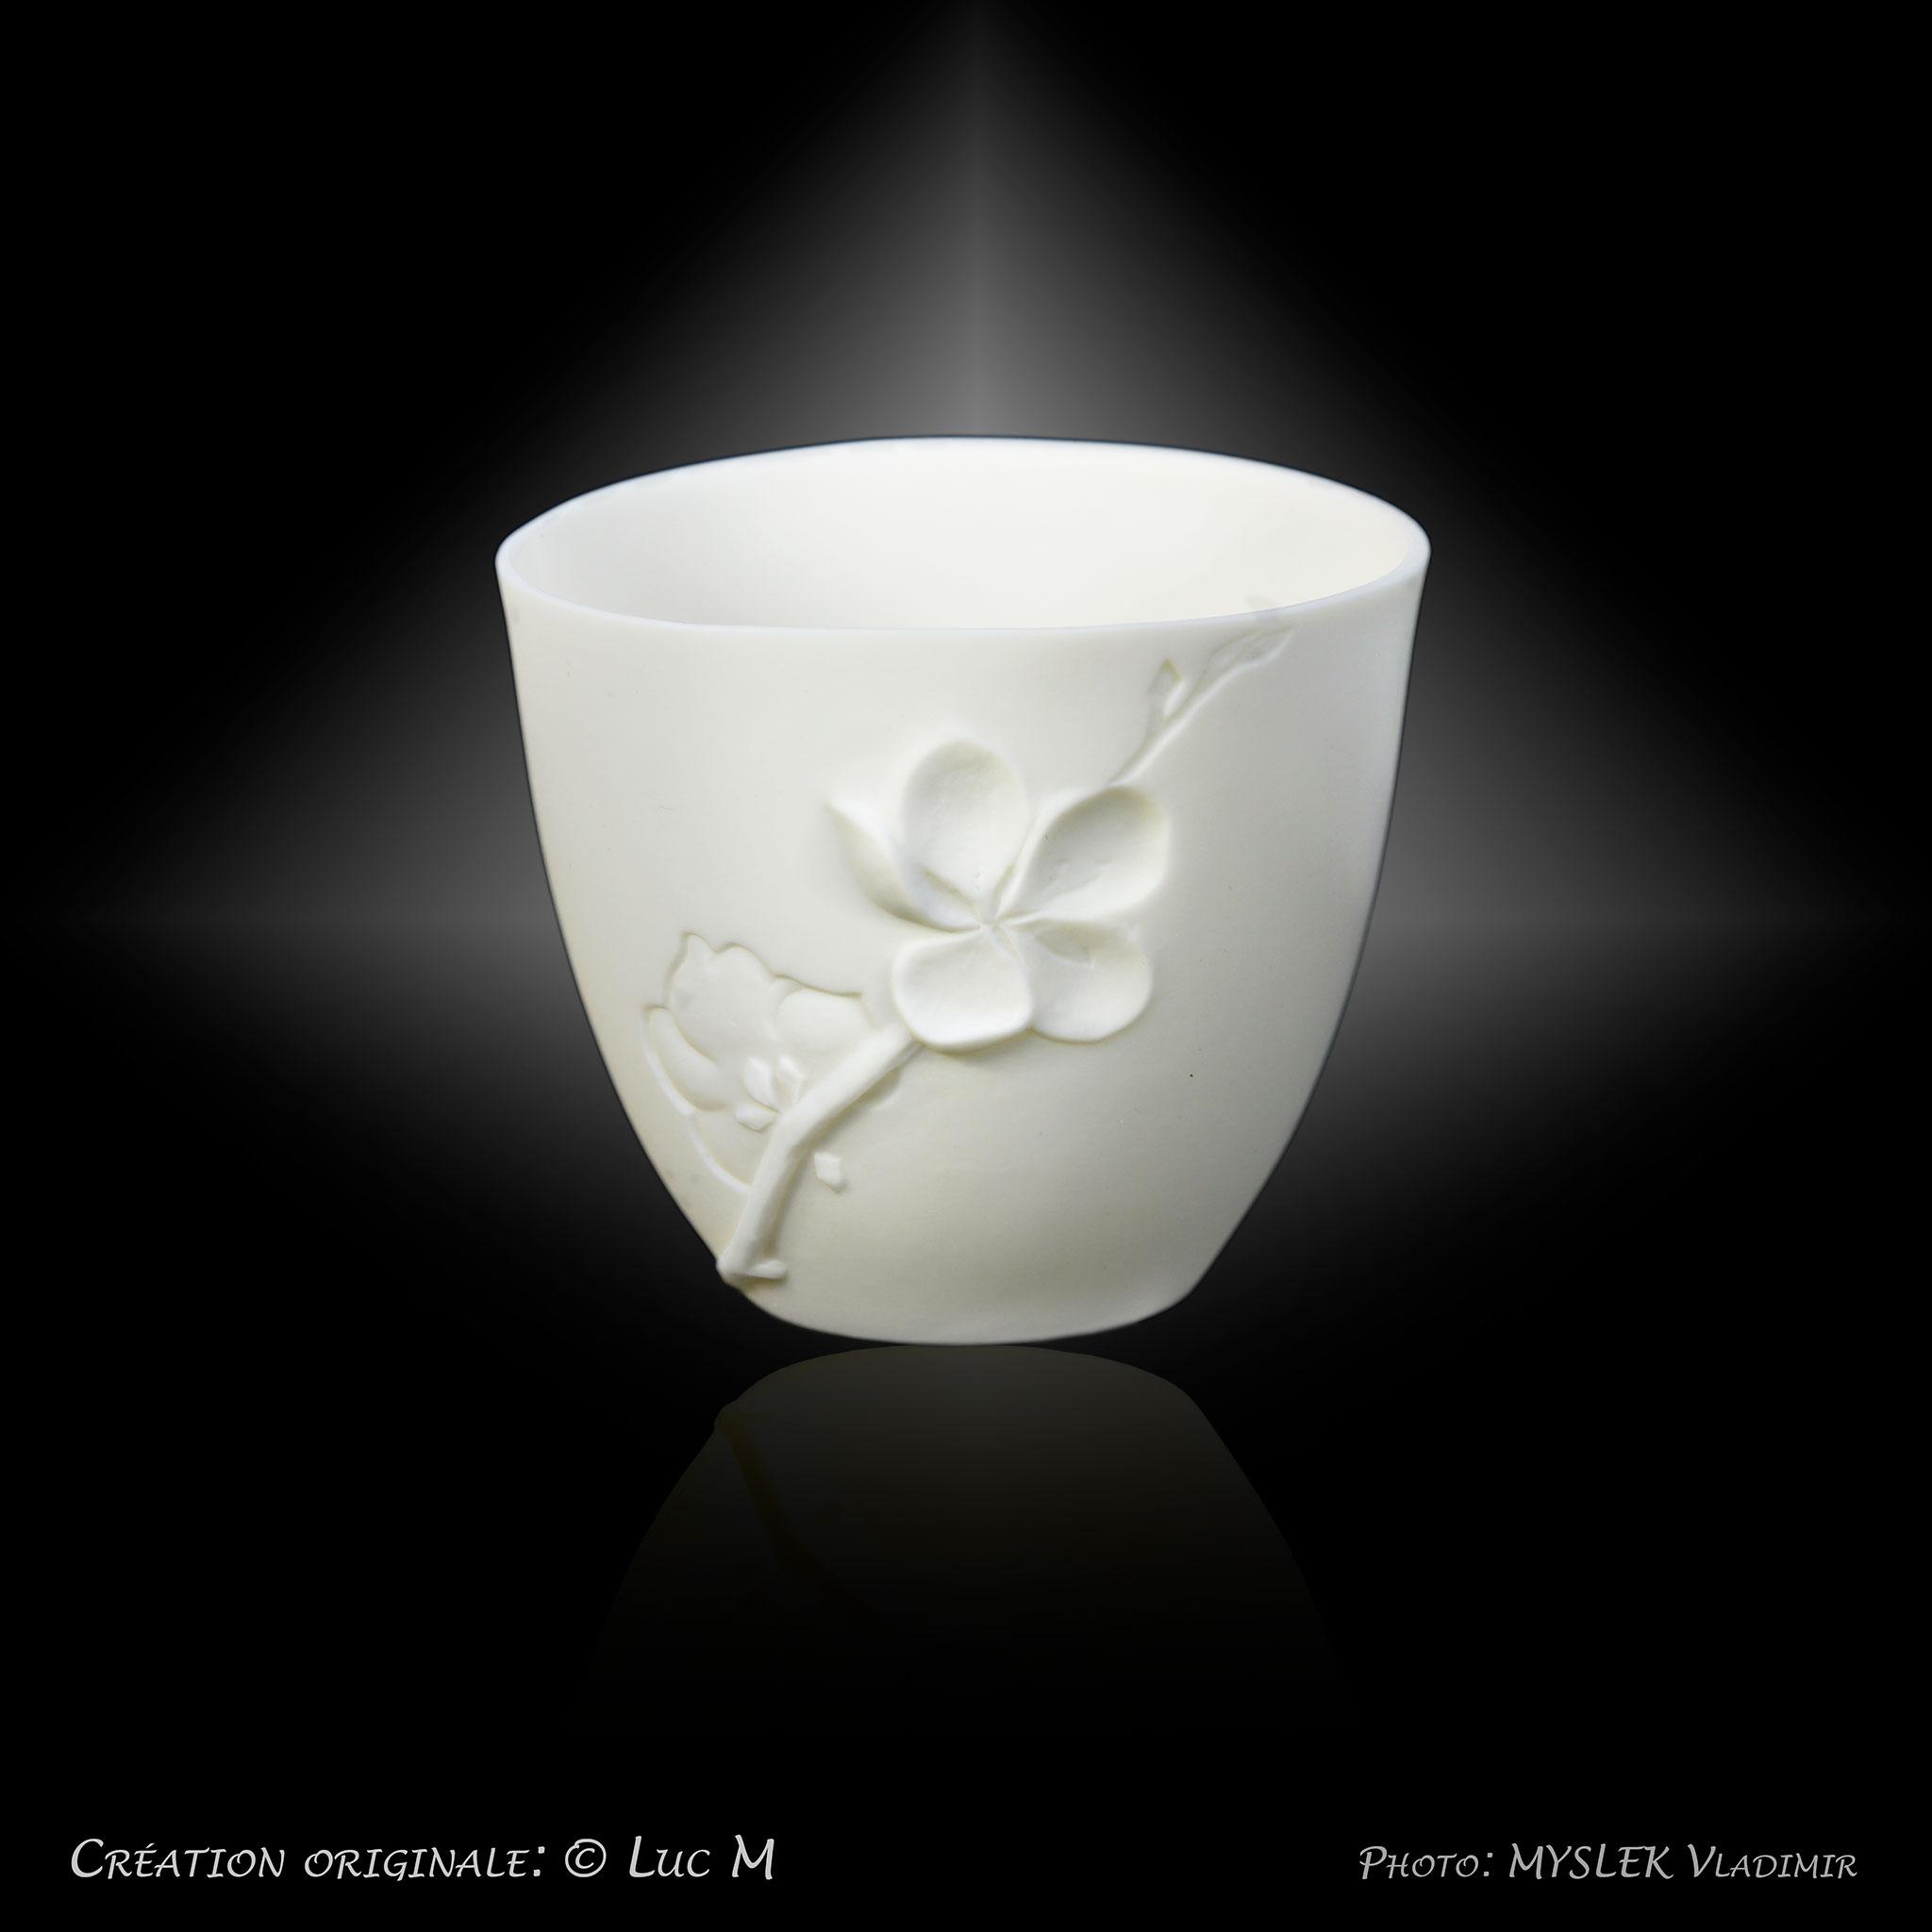 Godet porcelaine translucide - Luc M 3373b